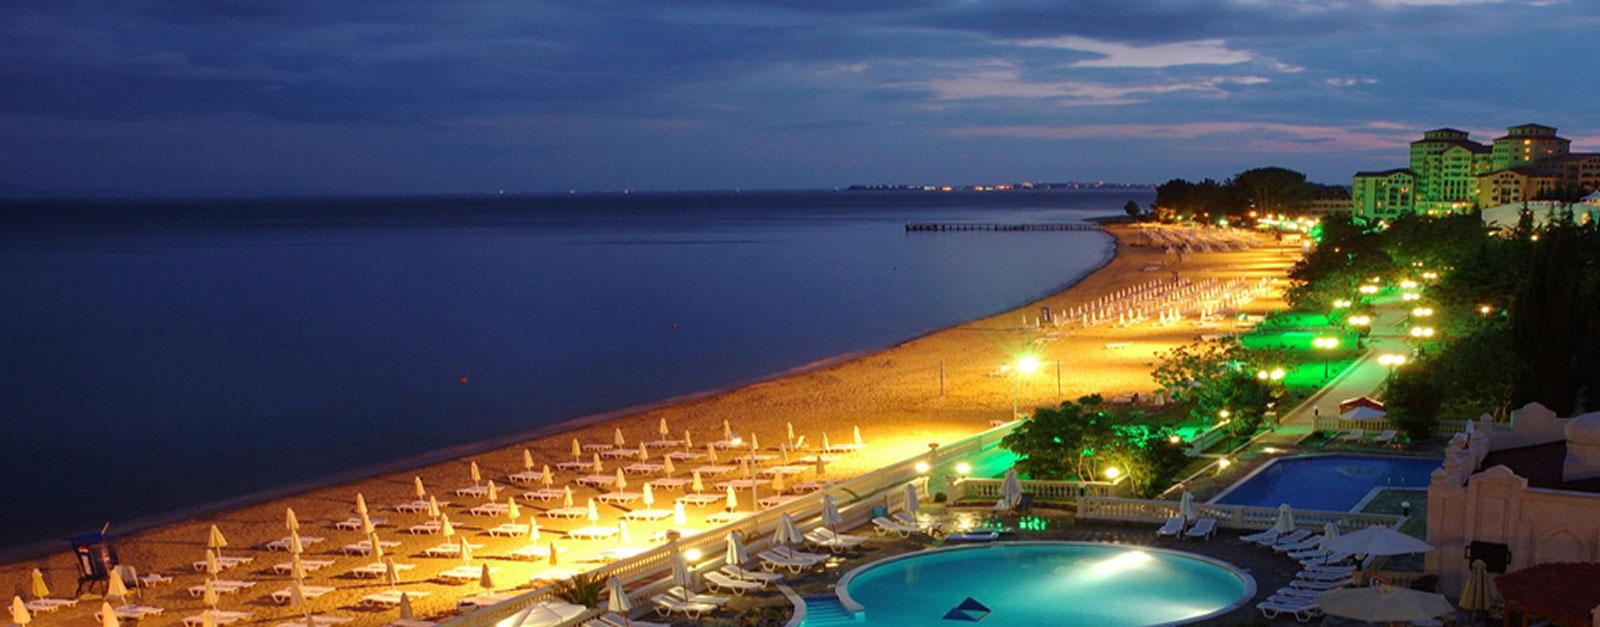 Eleni resort letovanje cene aranžmana Bugarska